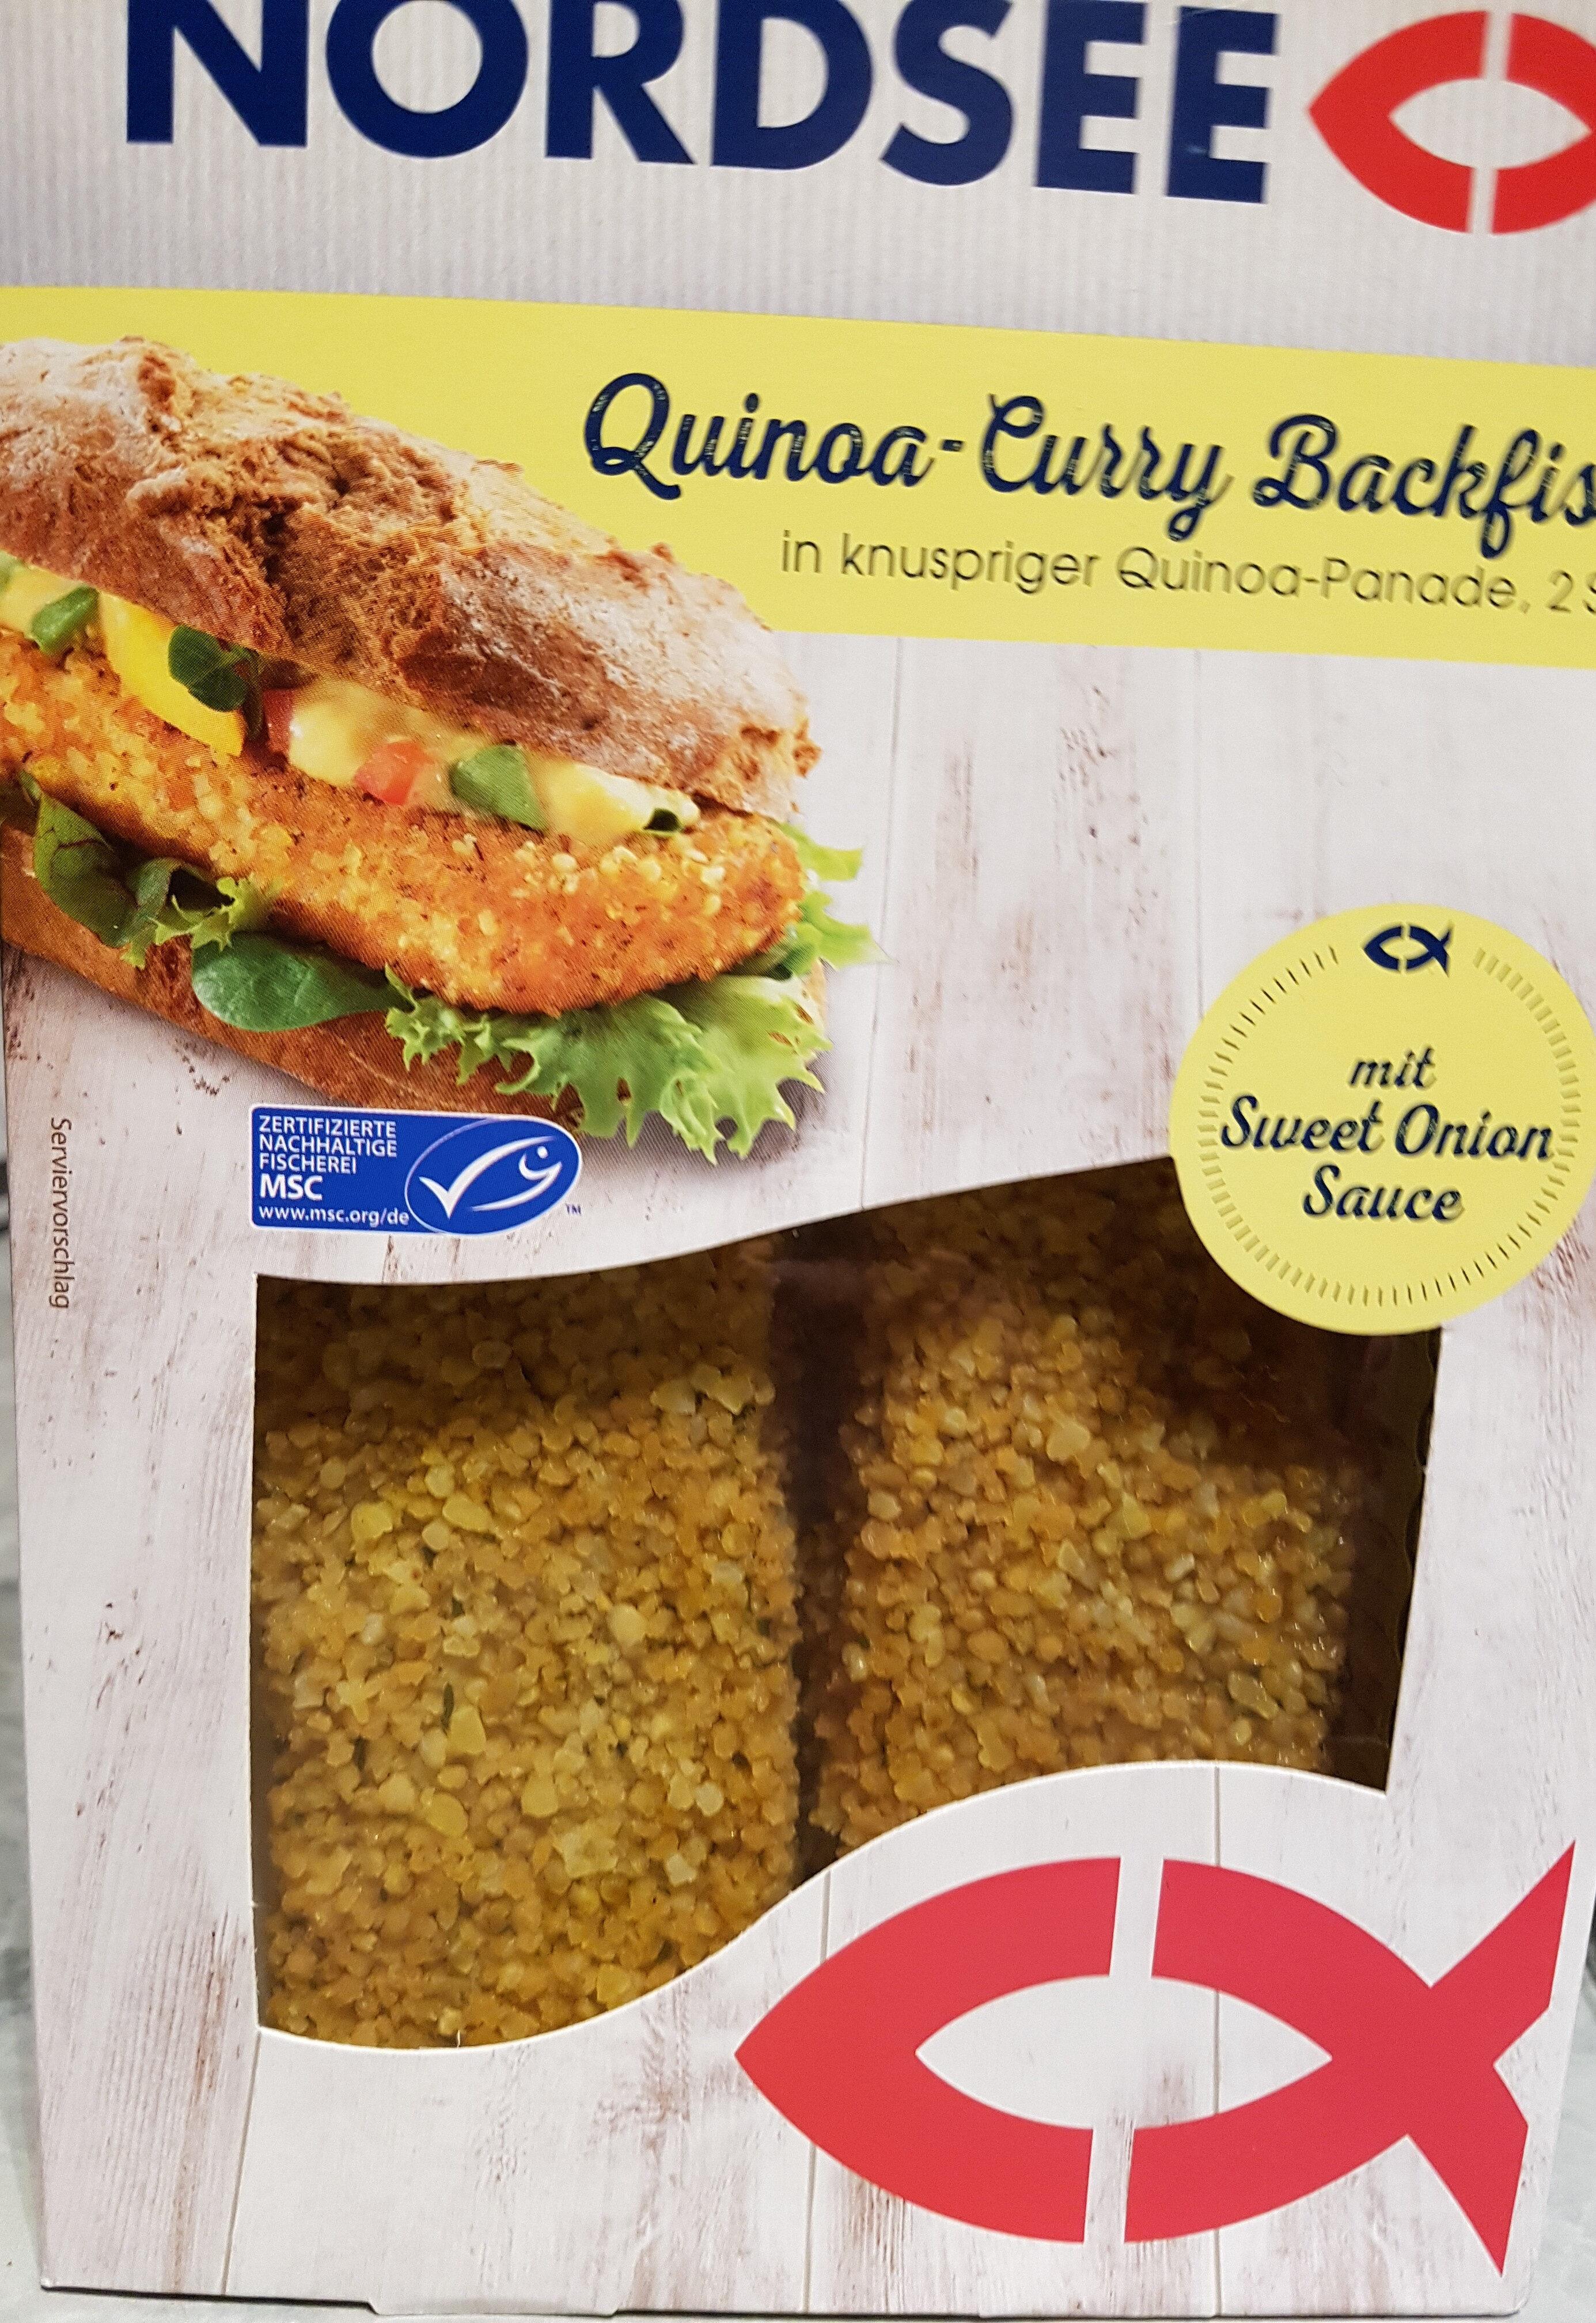 Quinoa-Curry Backfisch - Produkt